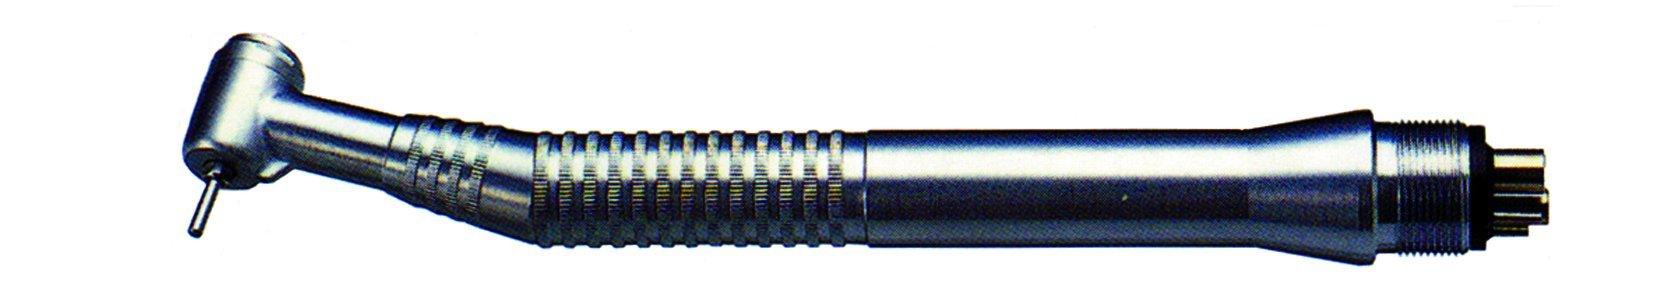 Терапевтический турбинный наконечник TCP-450 B (2 отверстия BORDEN, Кнопка, 400 000 об.мин.)